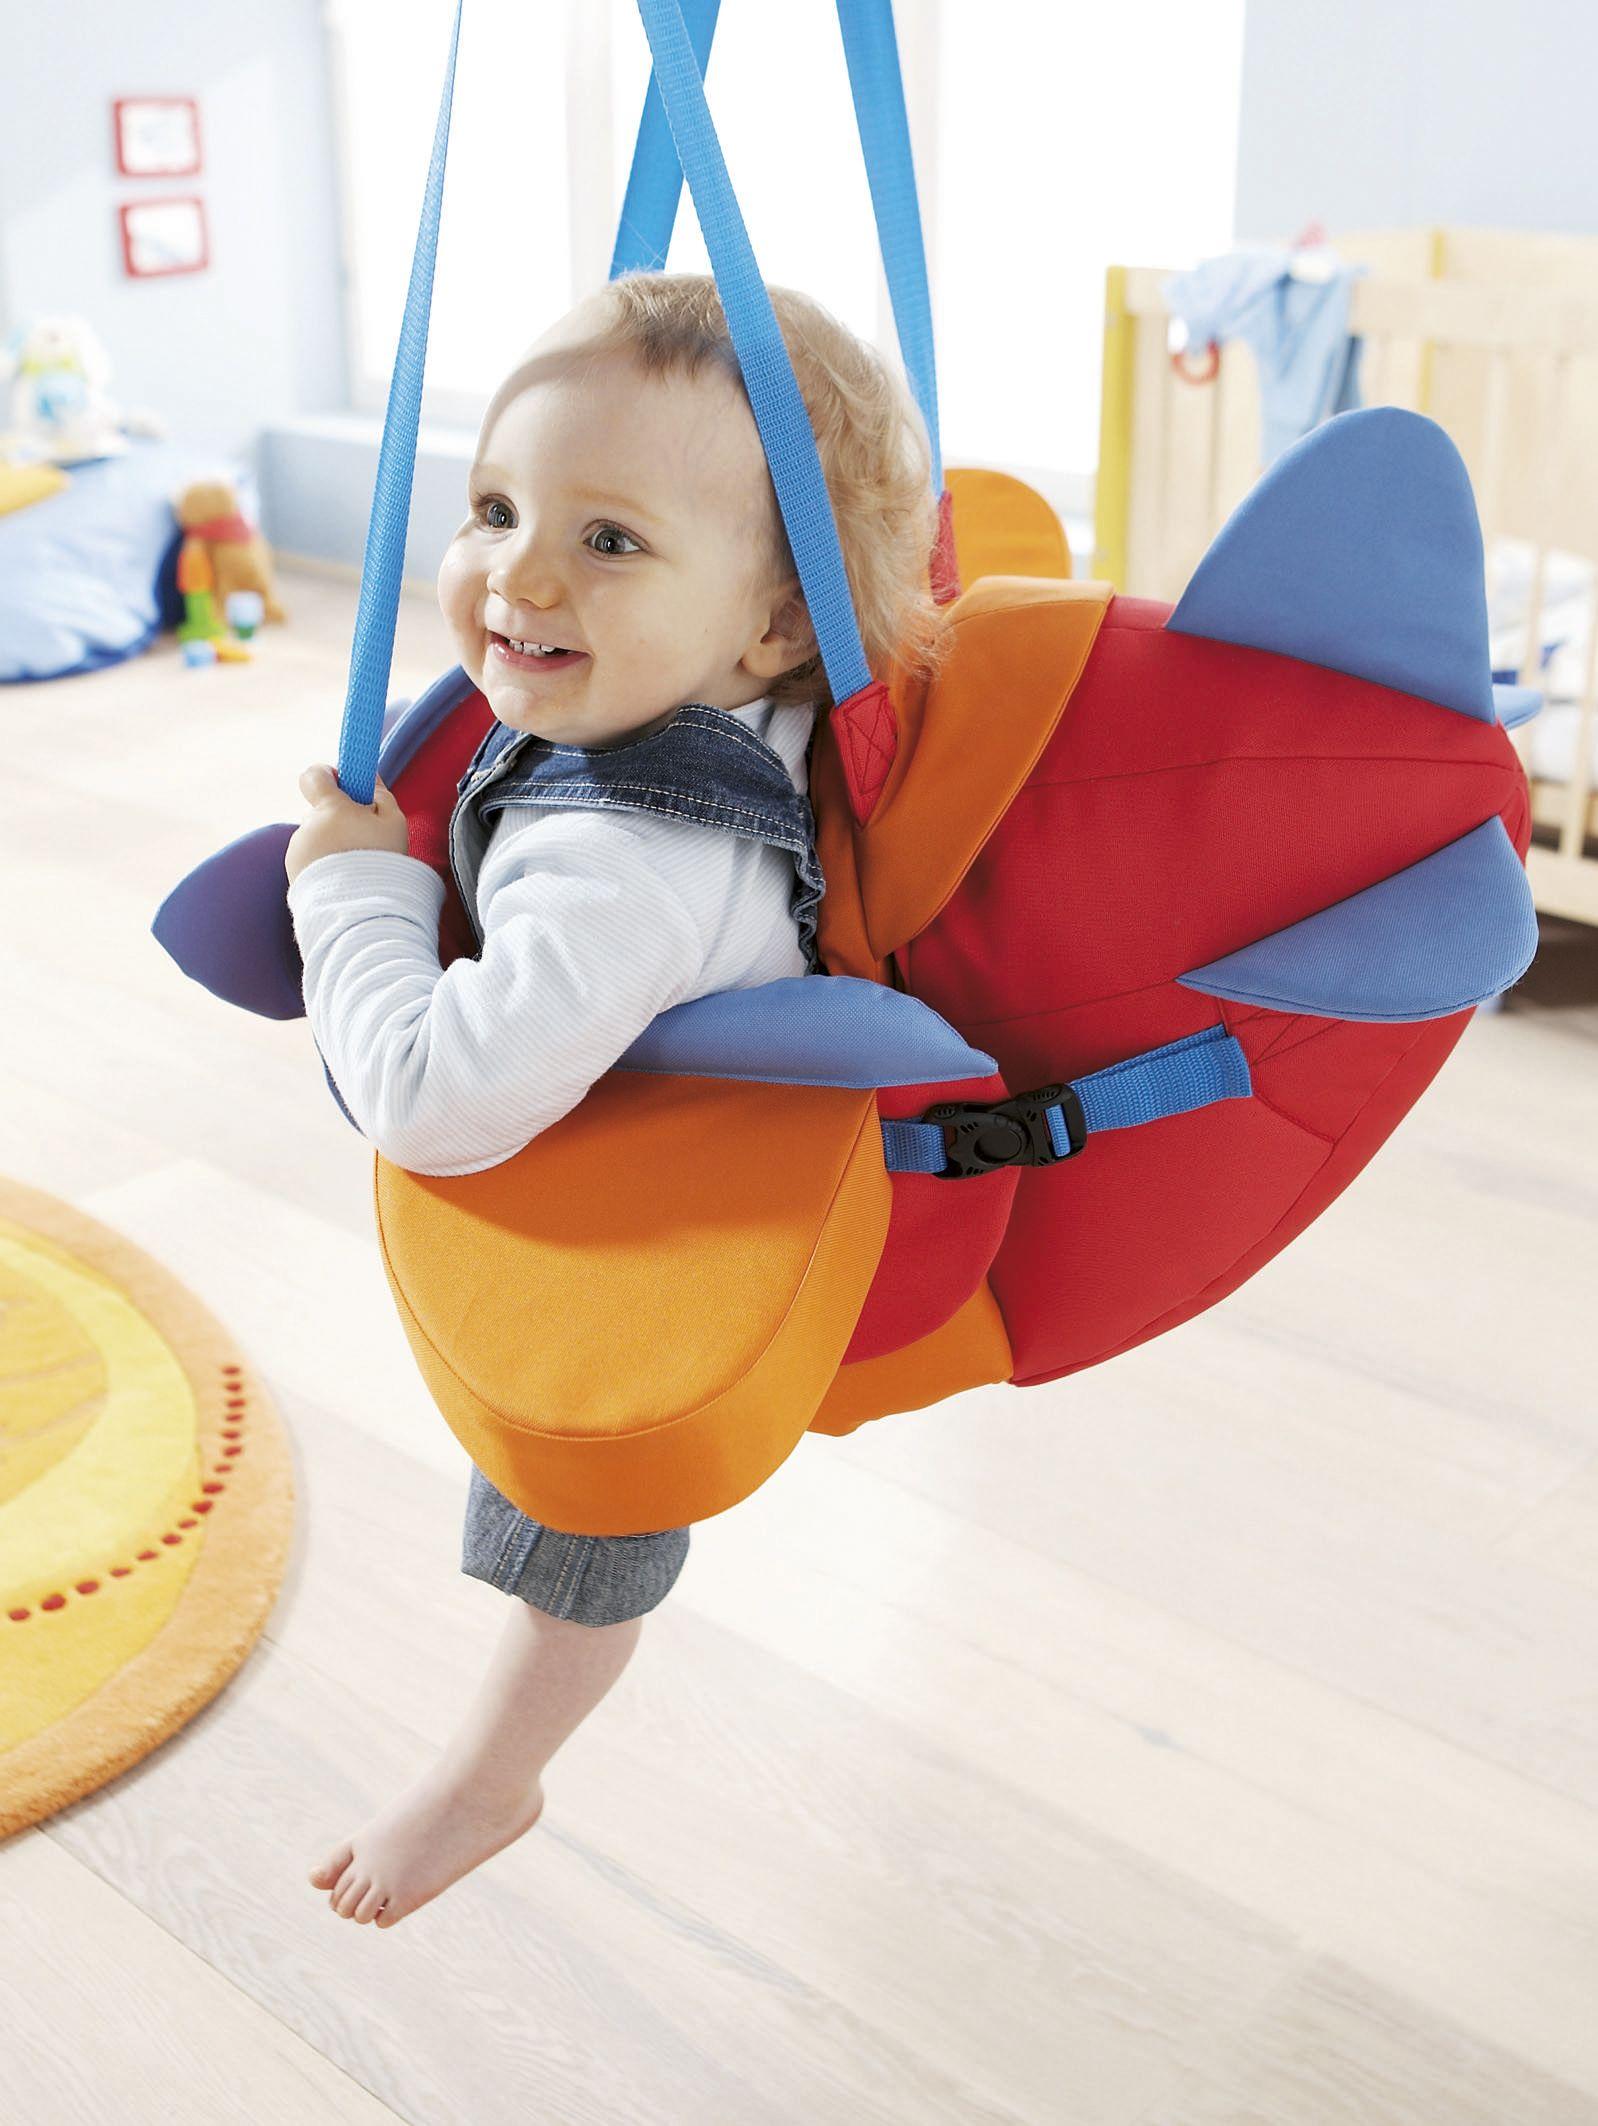 Baby Macht Flieger In Bauchlage